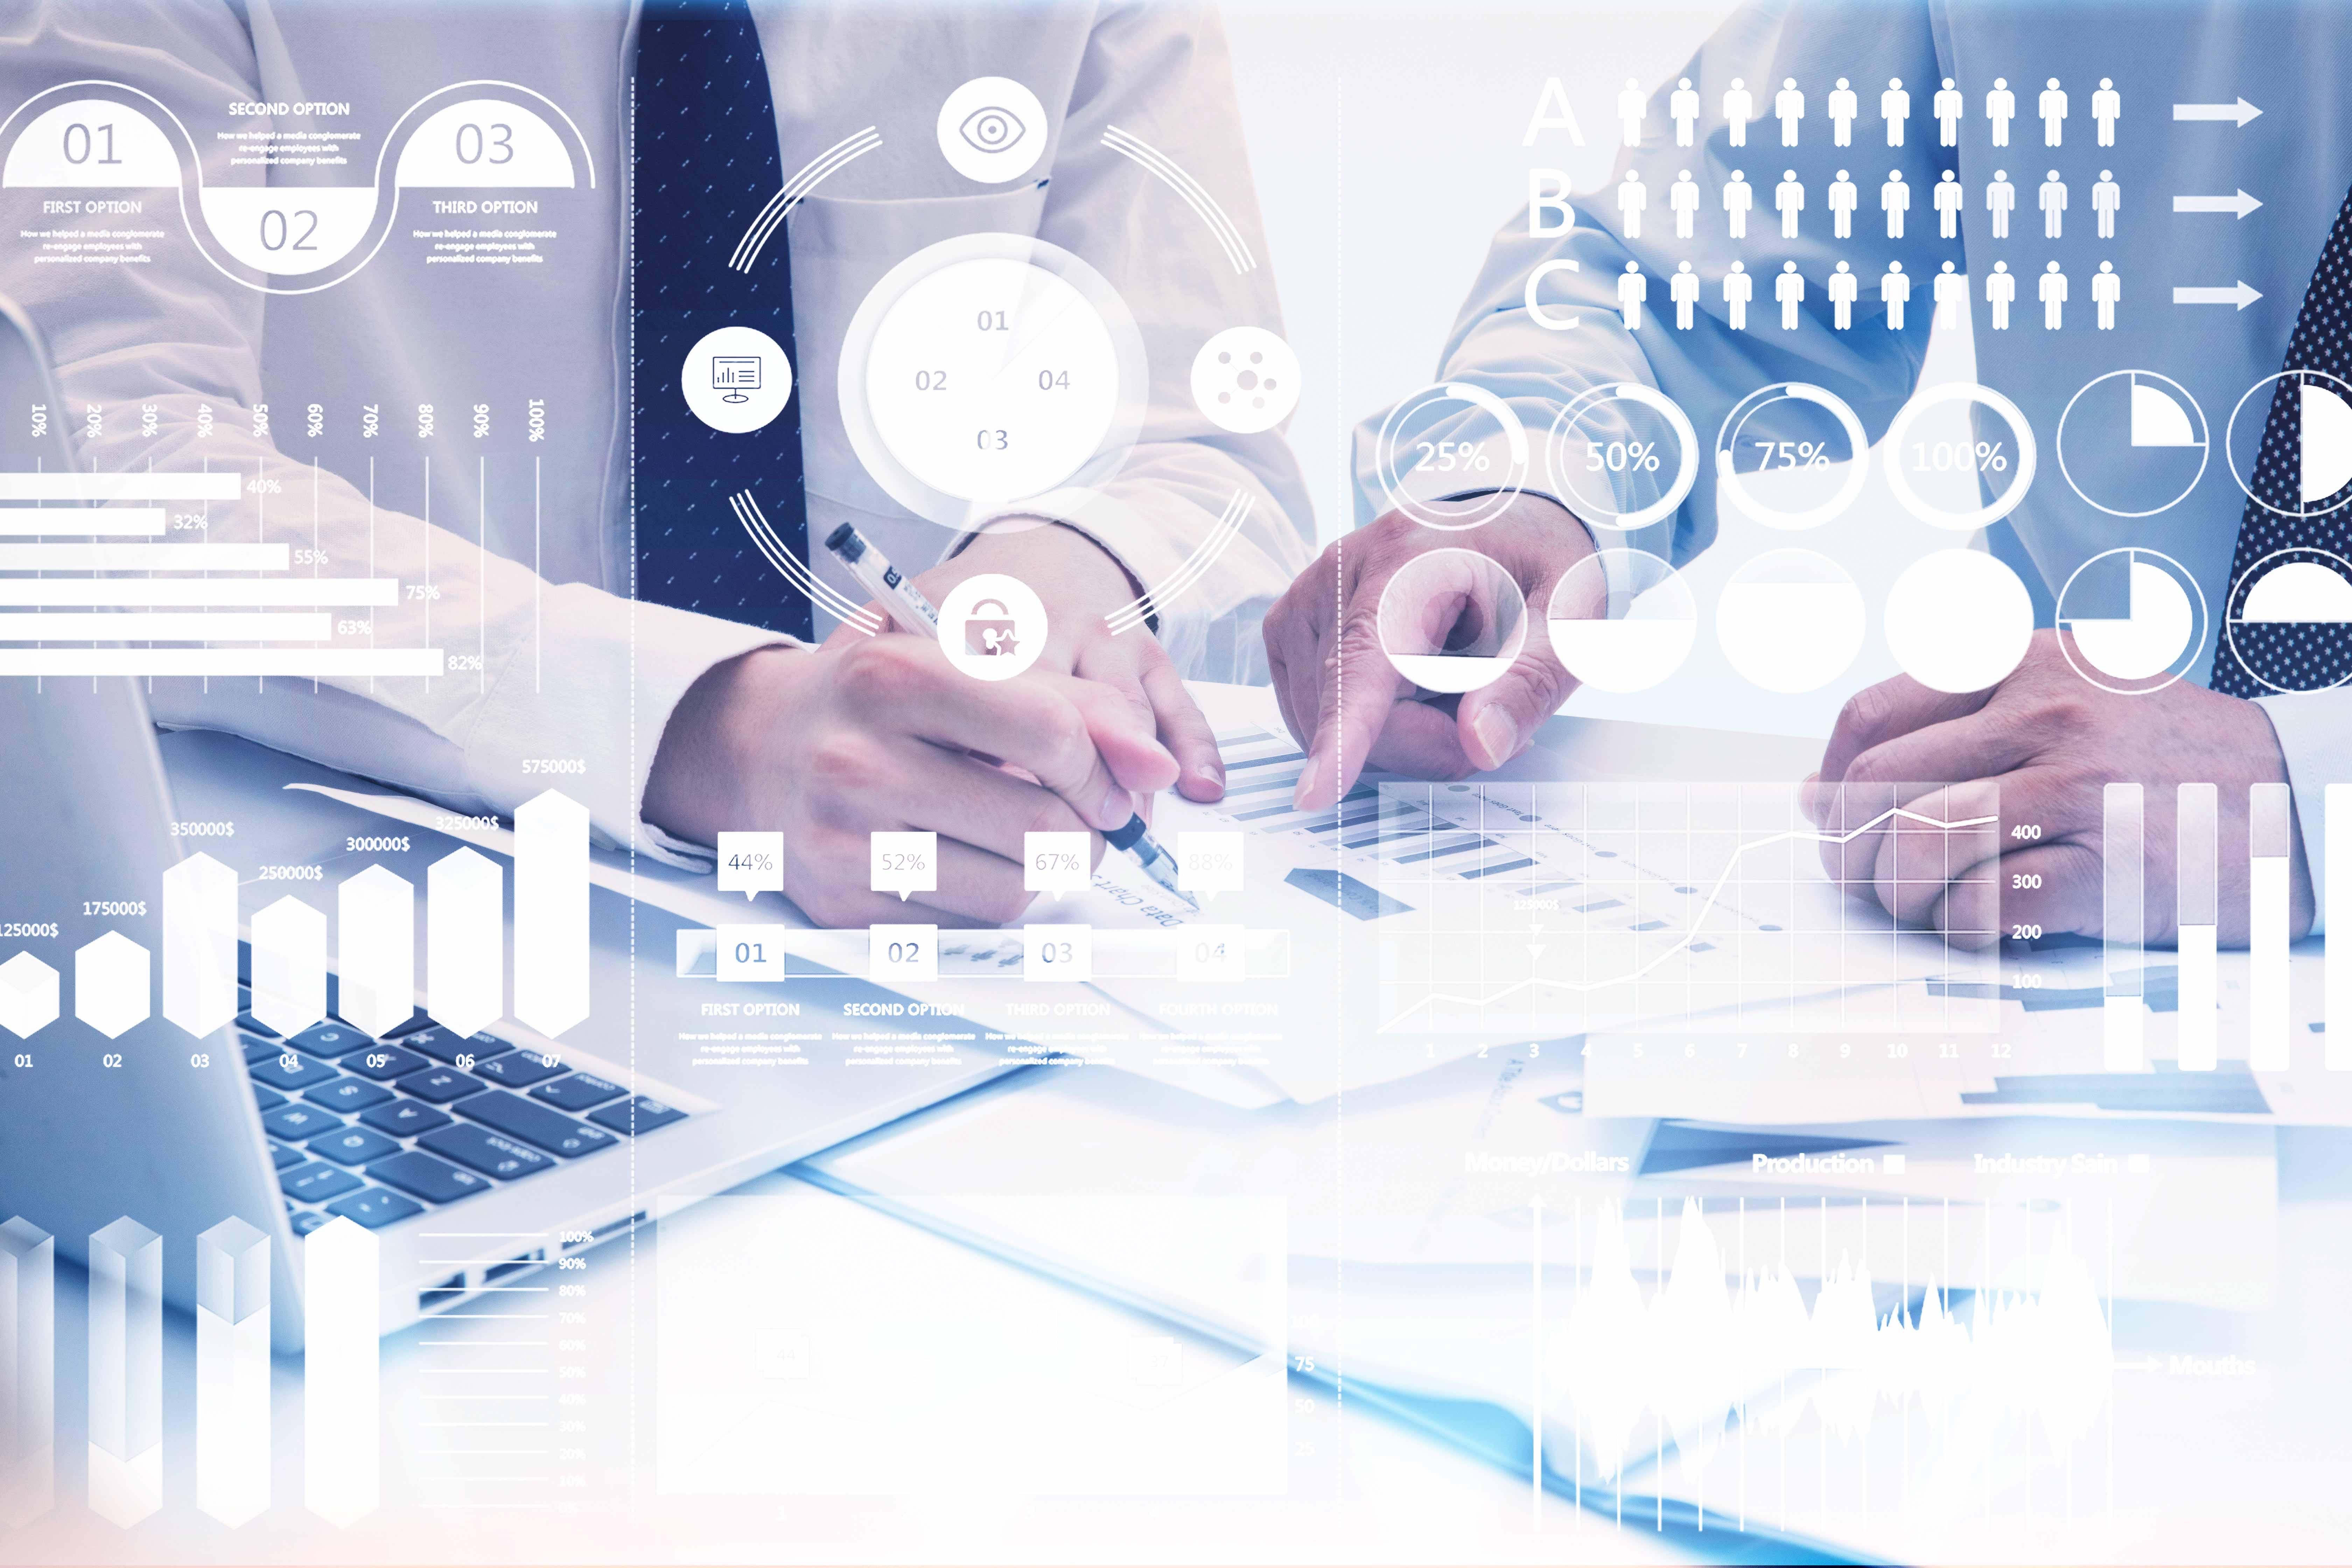 优商美地构建绿色数字经济平台  打造新模式